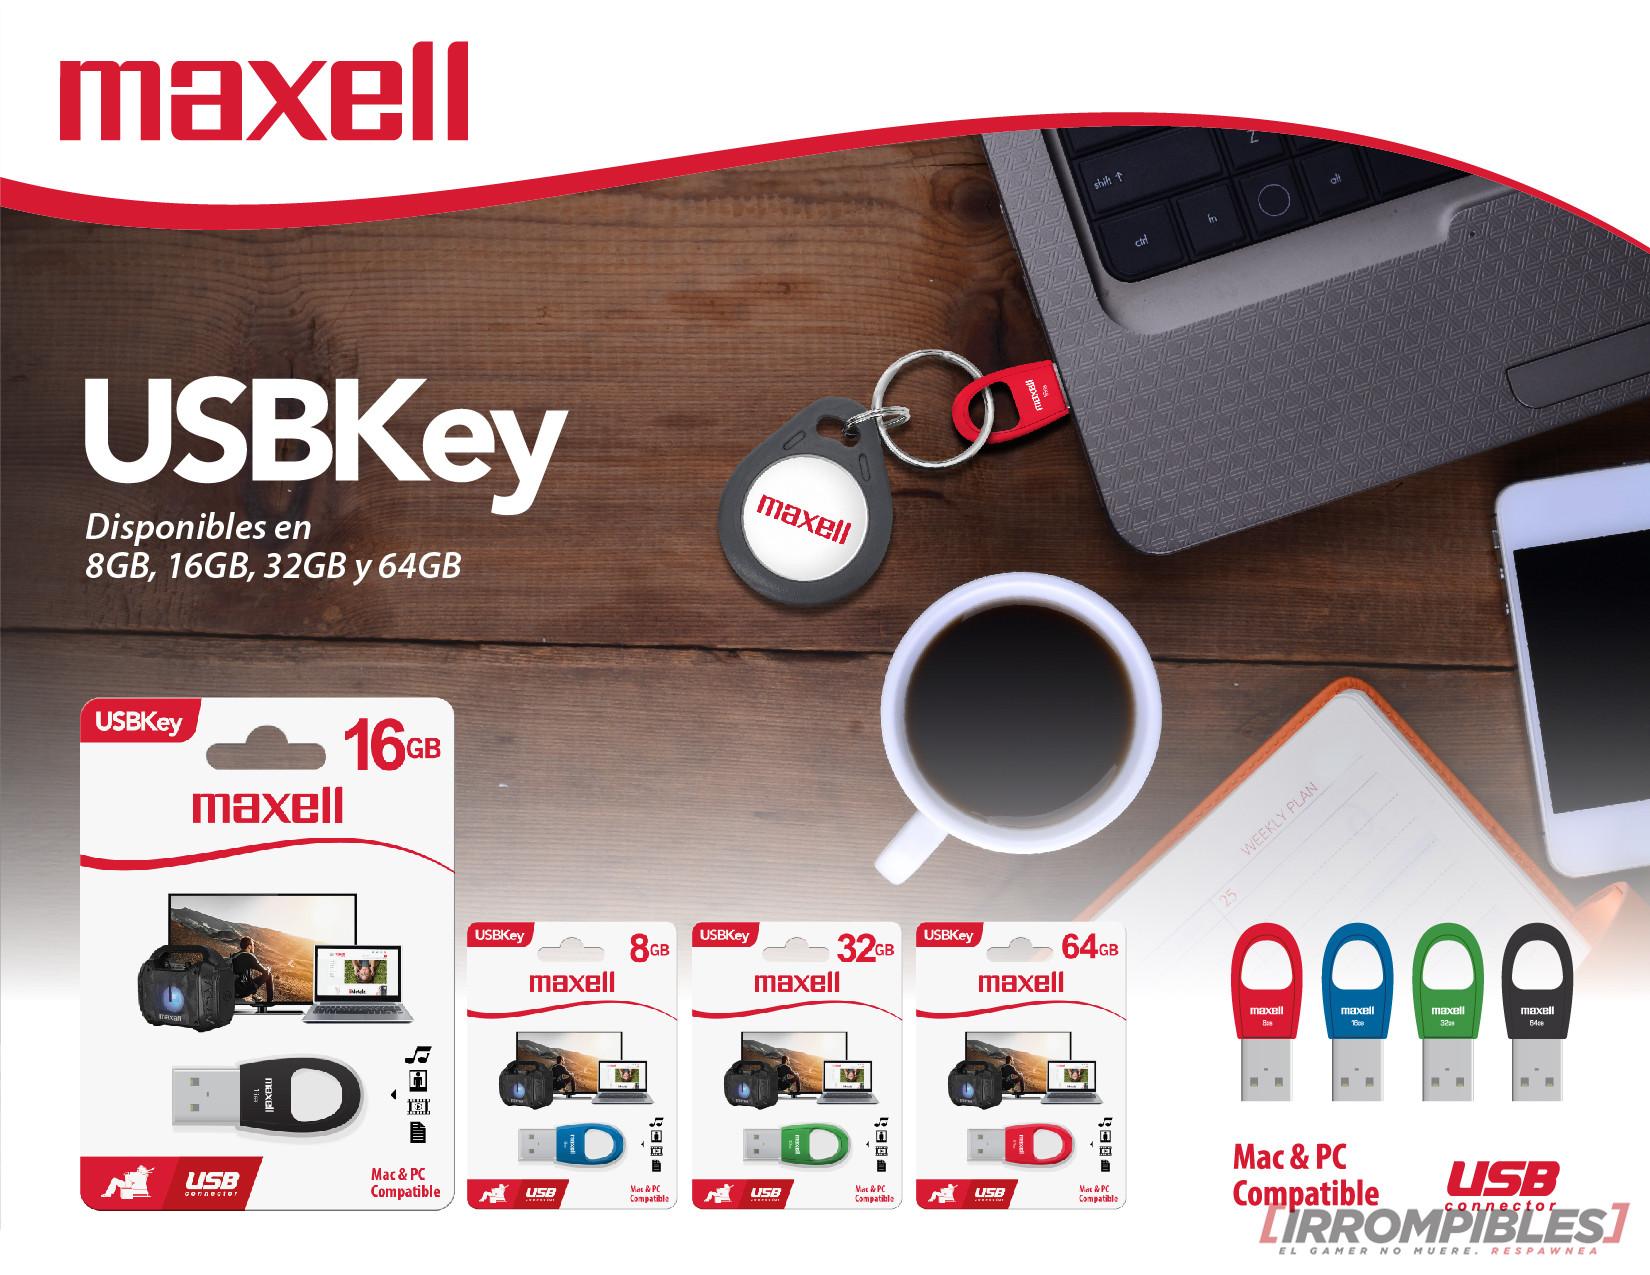 Maxell USBKey